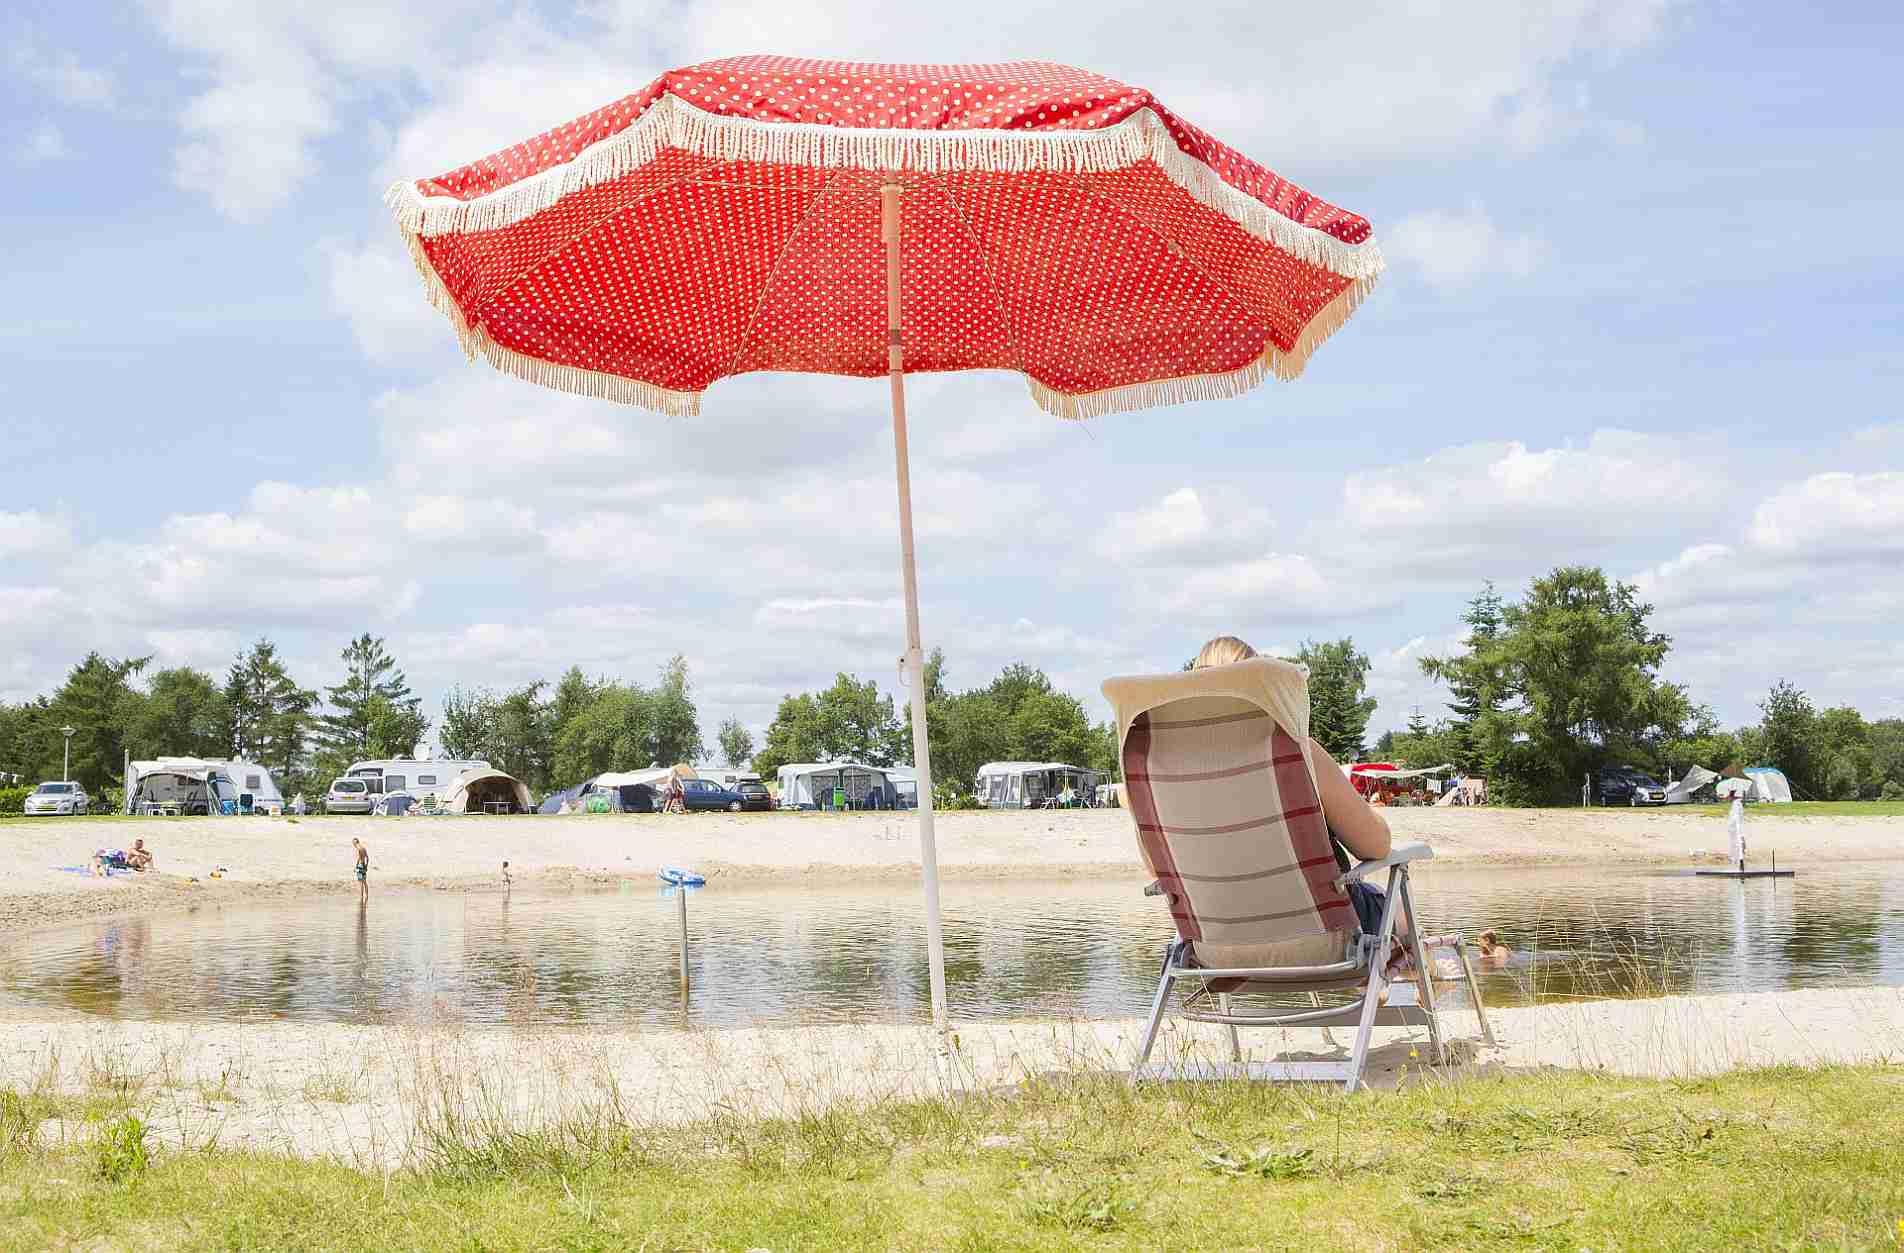 Beste camping van Nederland - Beste camping in Overijssel